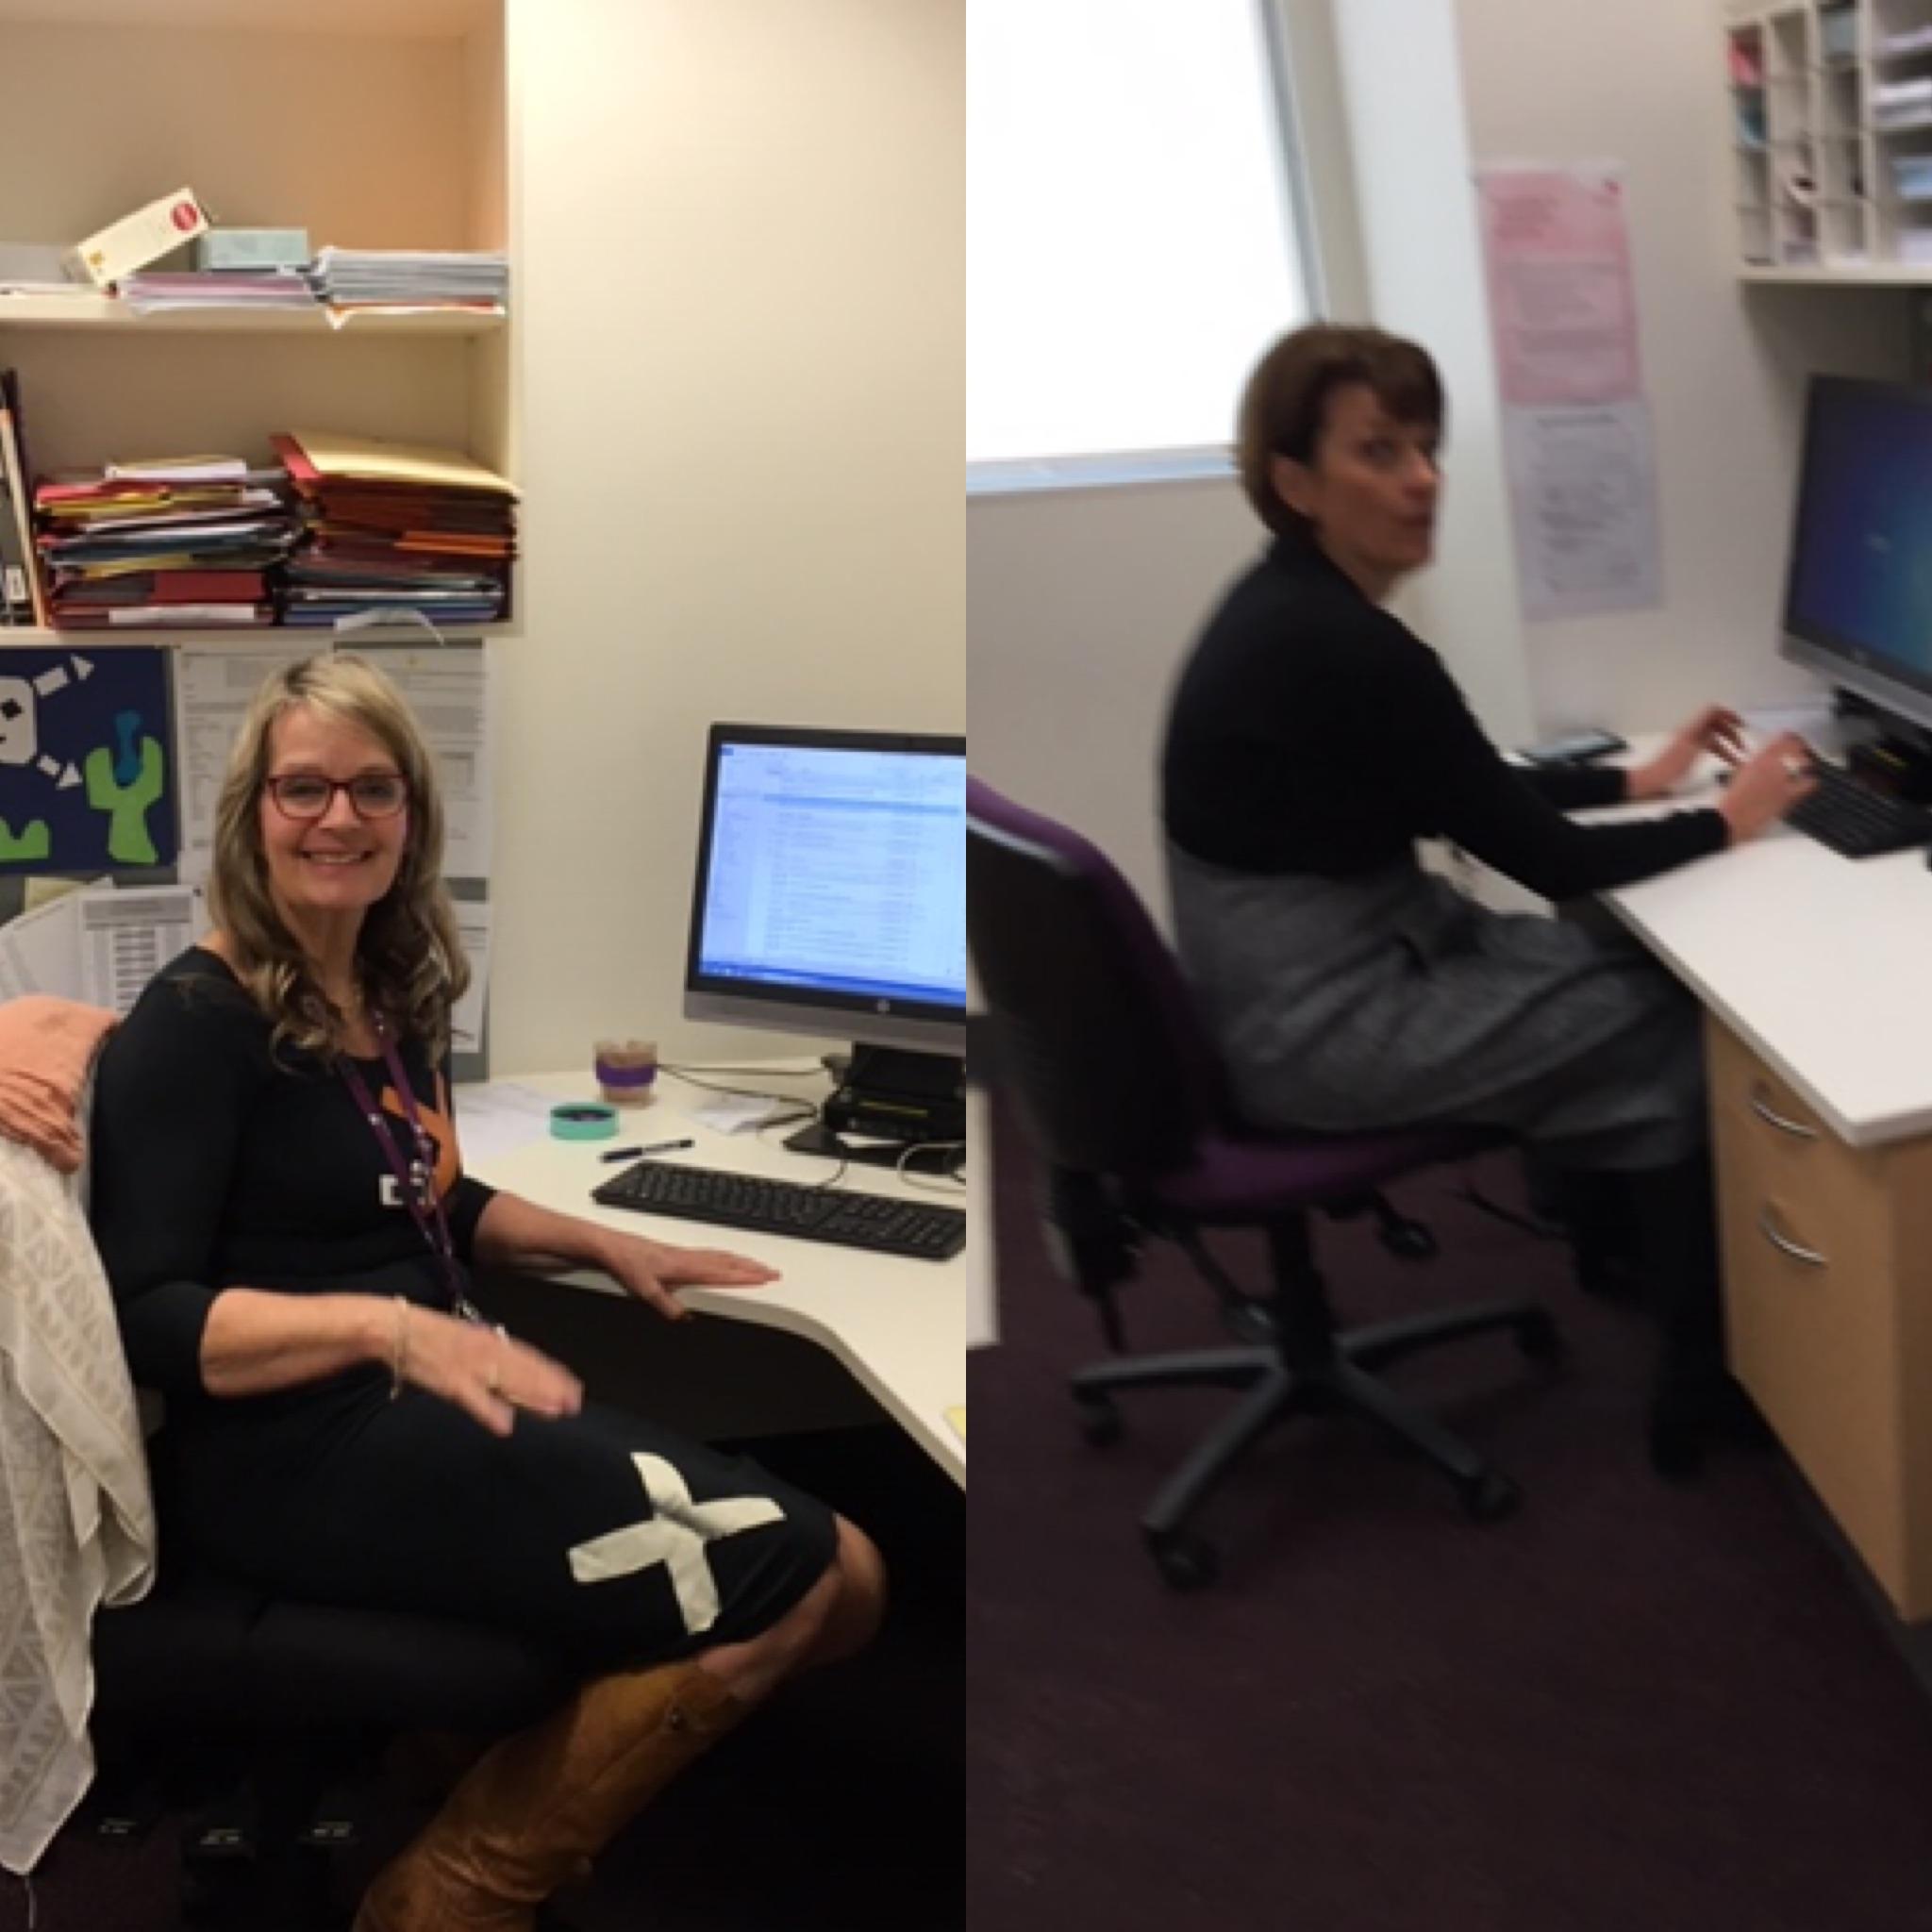 Daglig leder, socialrådgiver Theresa Lynch og lægefaglig leder, addiction specialist Yvonne Bonomo